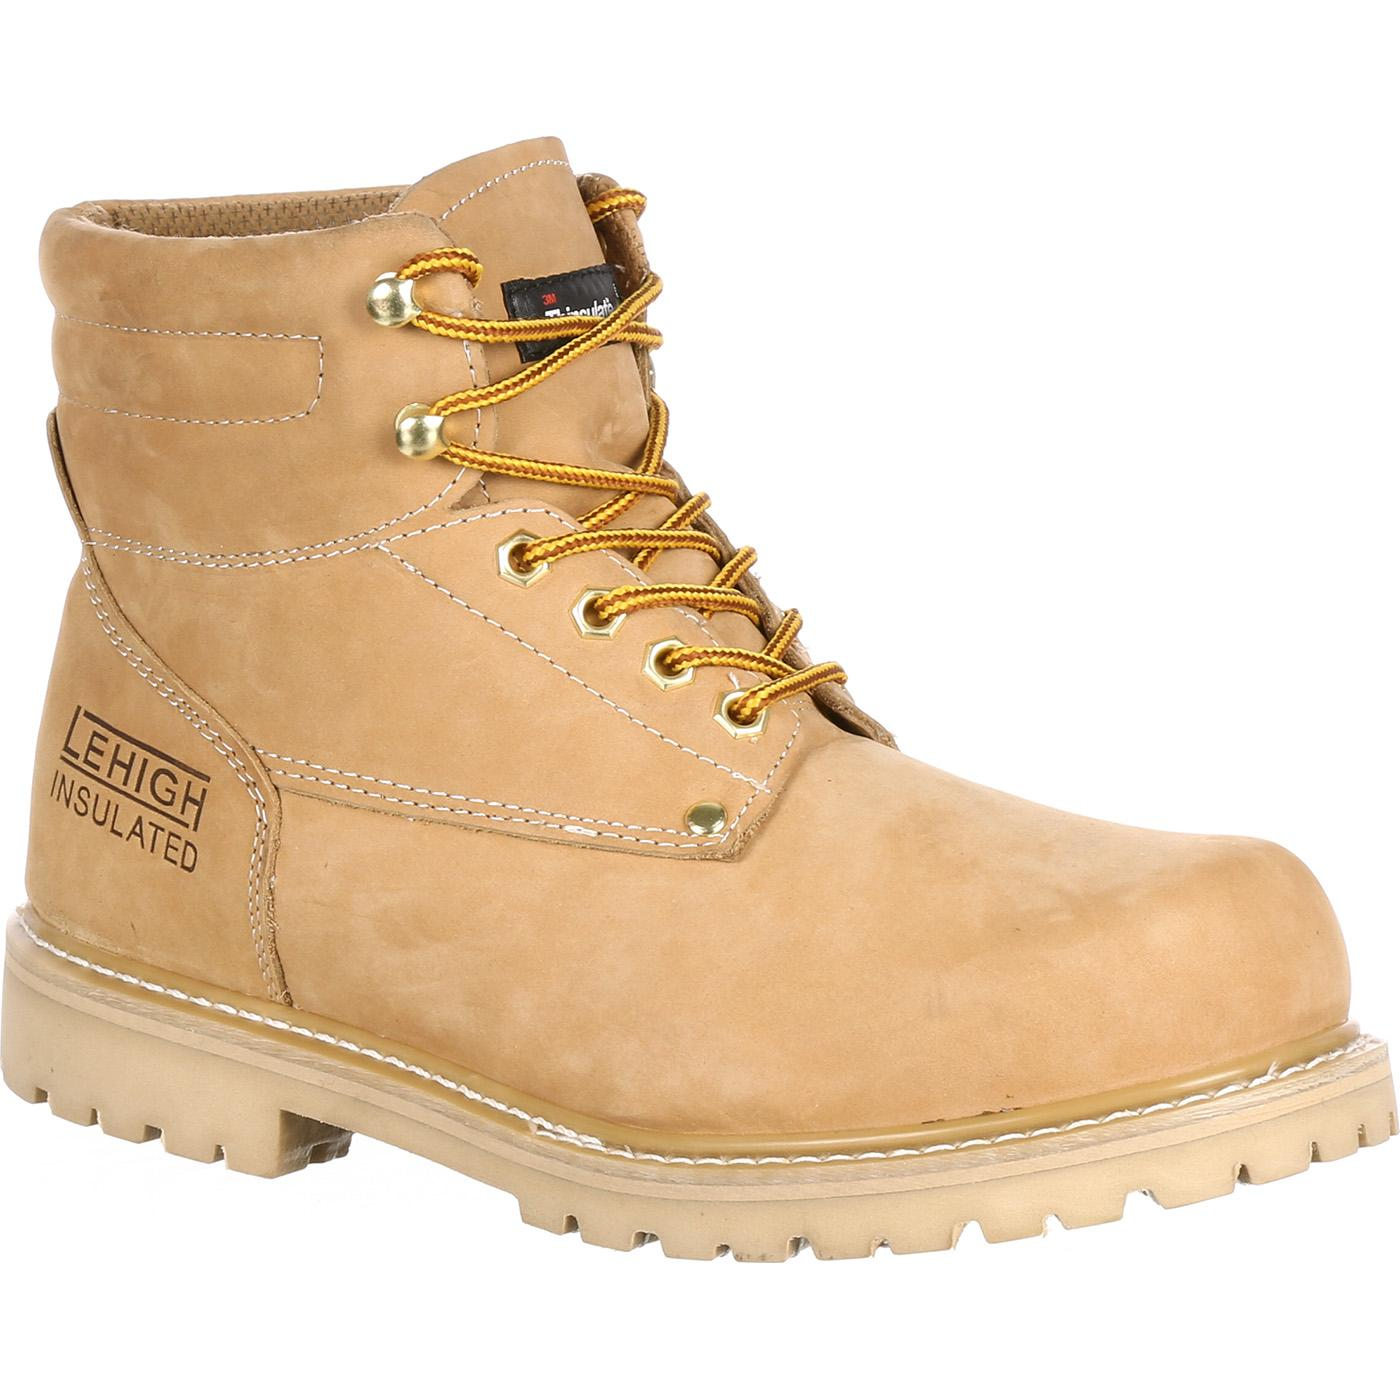 Insulated Shoes - Walmart.com